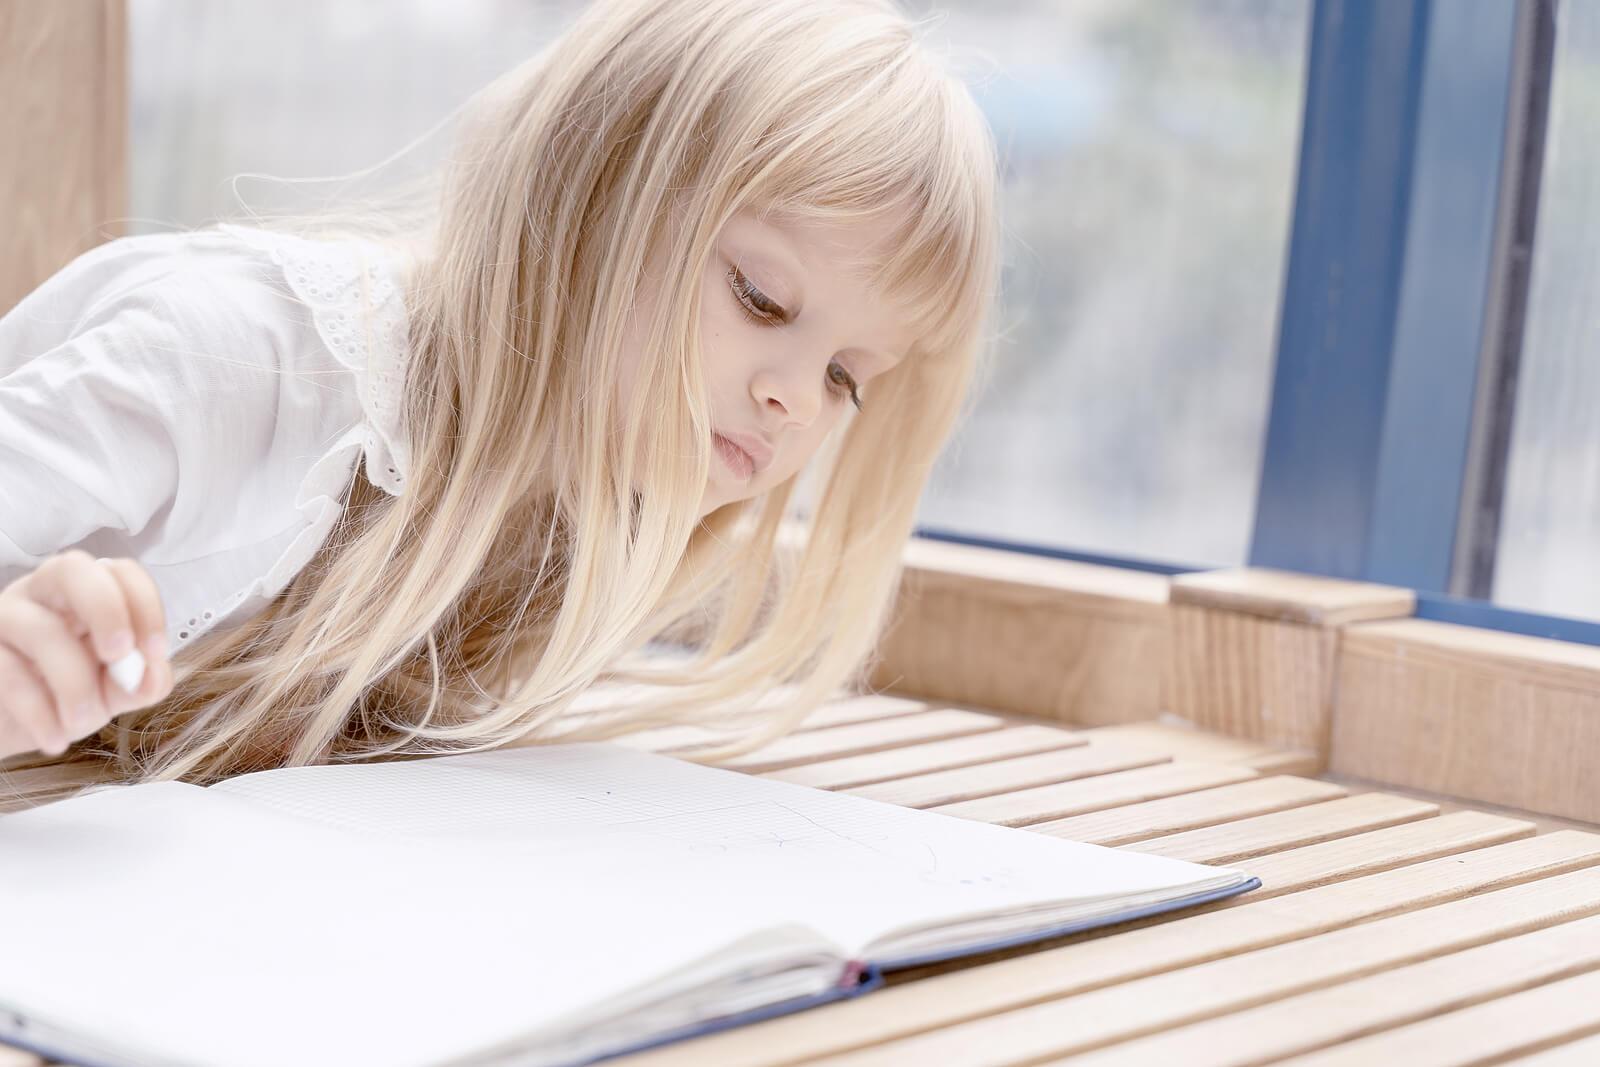 Niña pensando en la escritura a mano mientras observa un cuaderno.